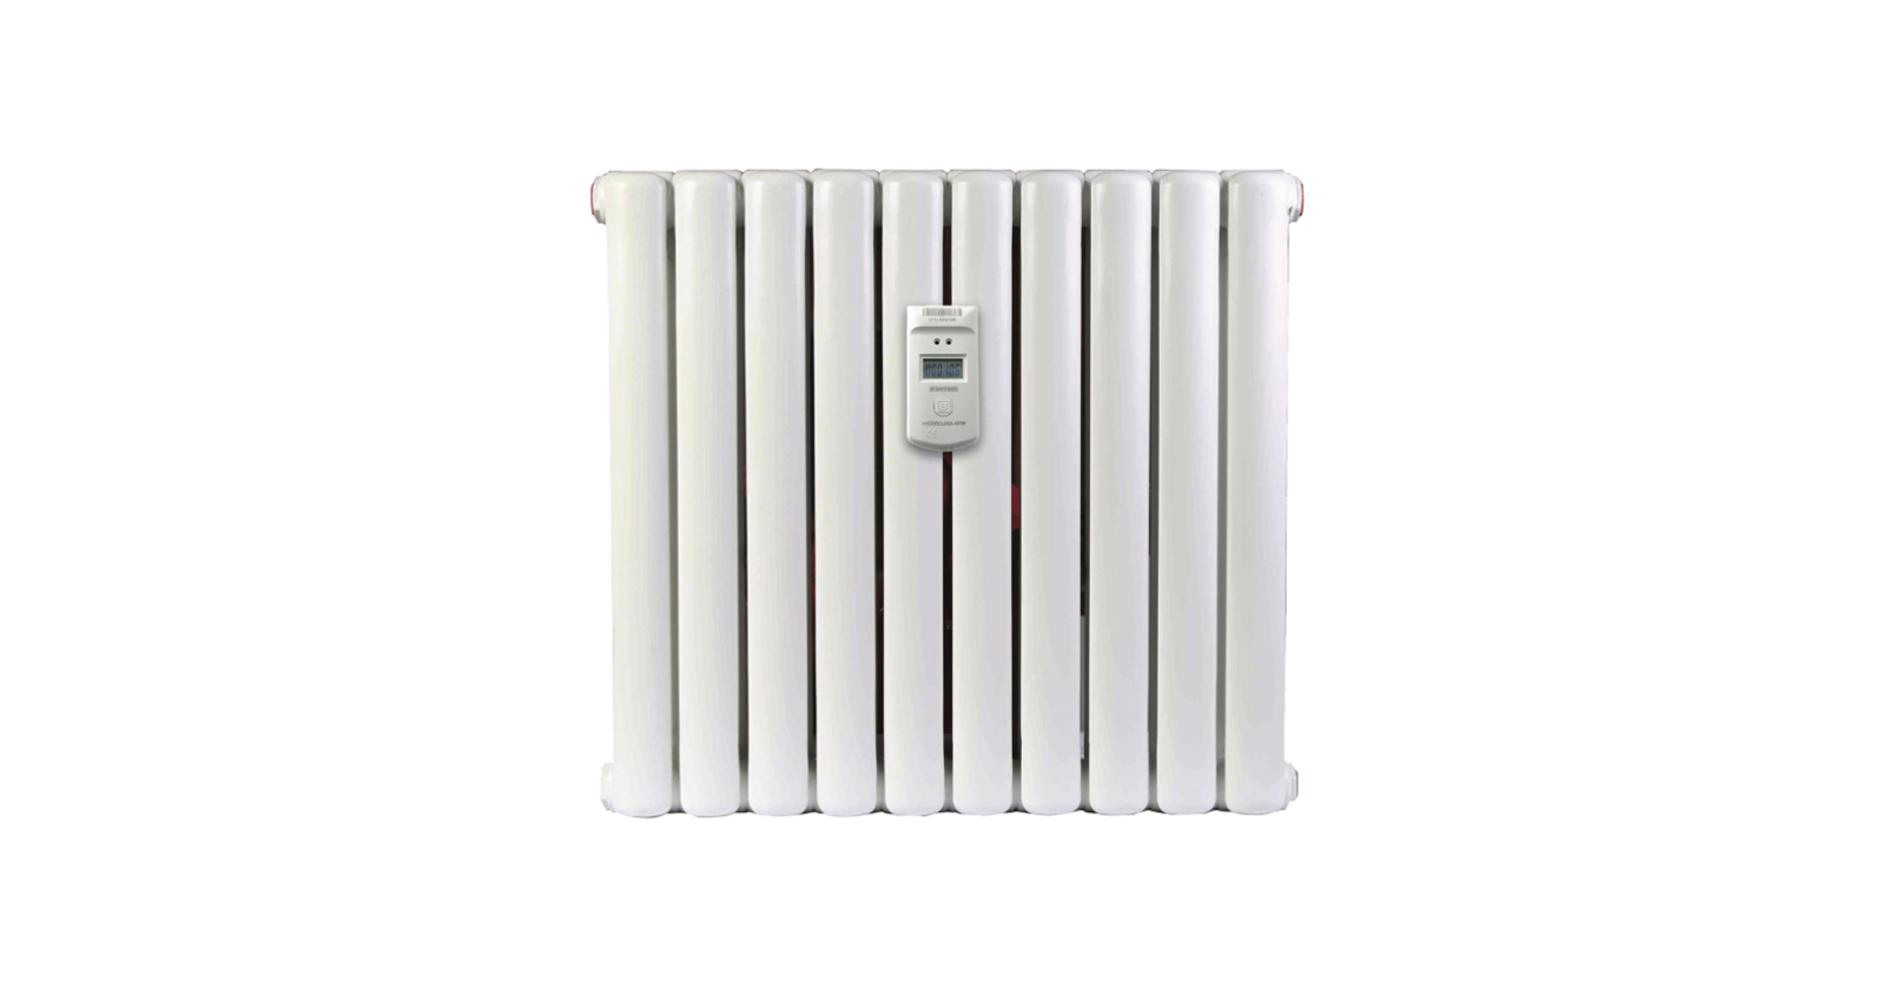 Repartidores de costes de calefacción